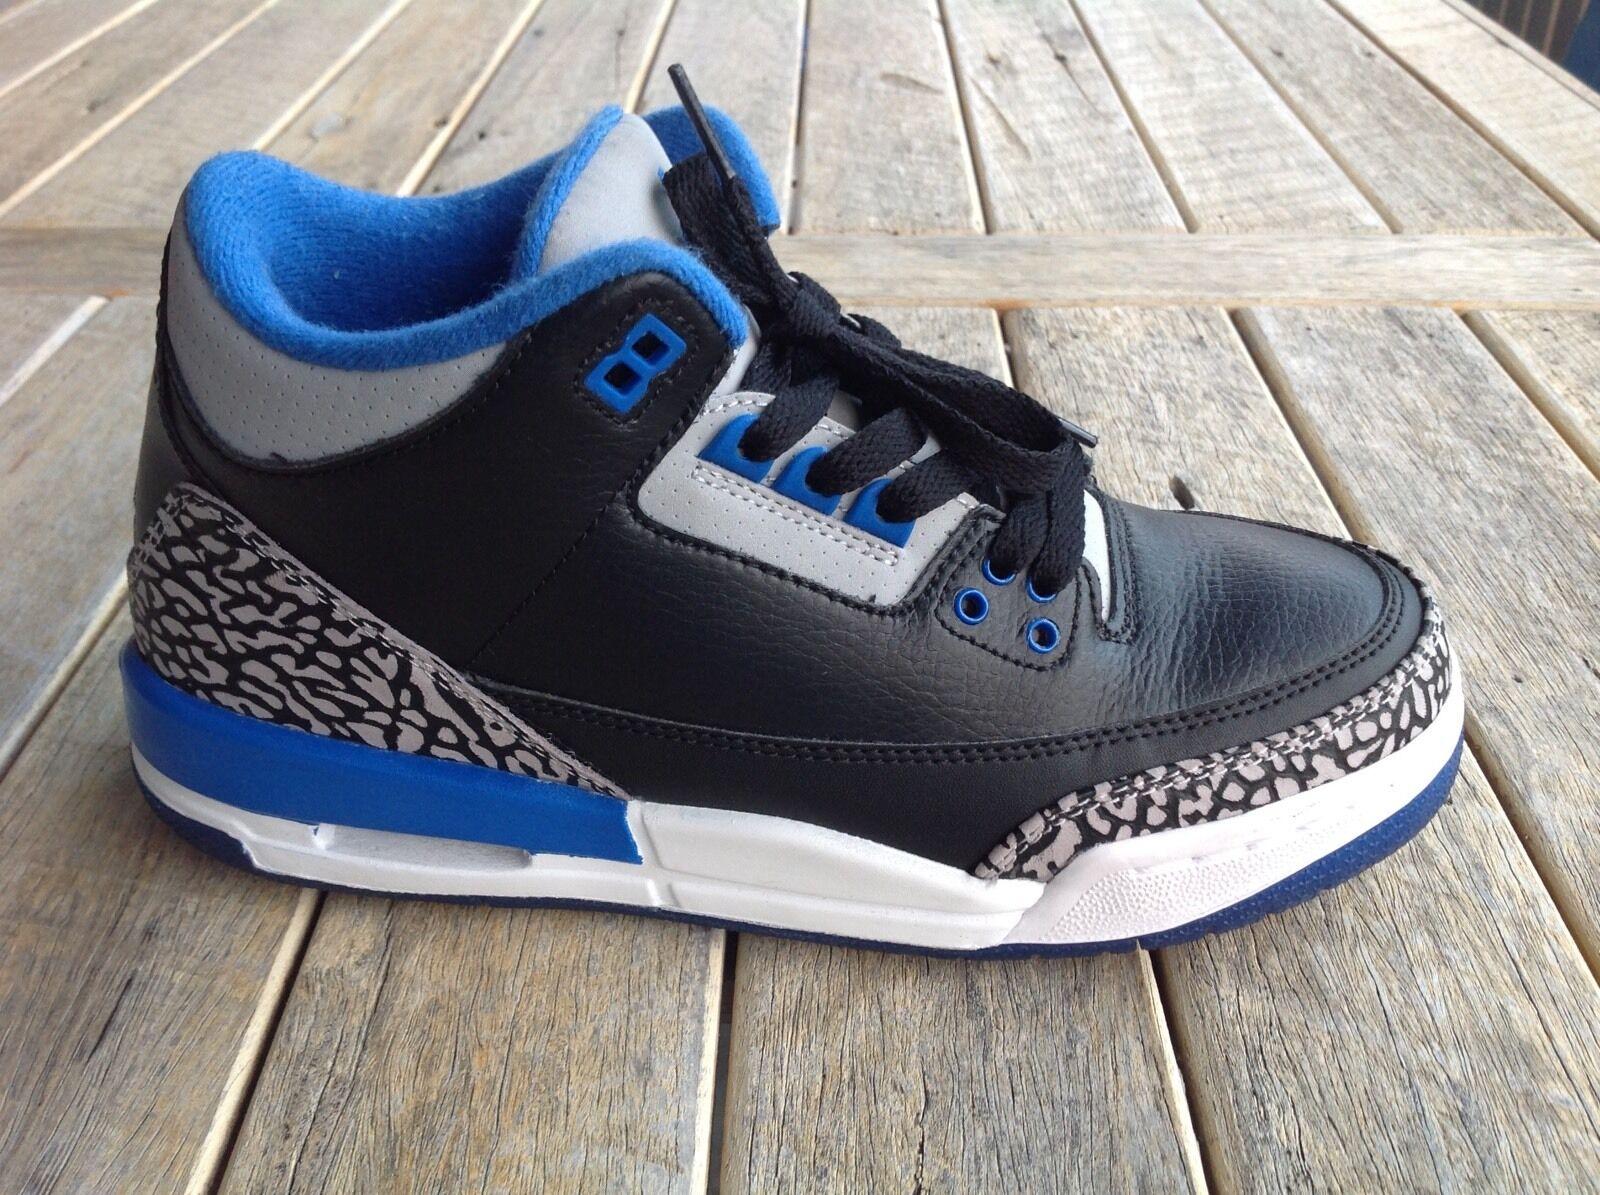 separation shoes 746fc 2c0b6 Nike Air Jordan mujeres 3 retro Sport azul mujeres Jordan es cómodo  confortable y atractivo d75d8b